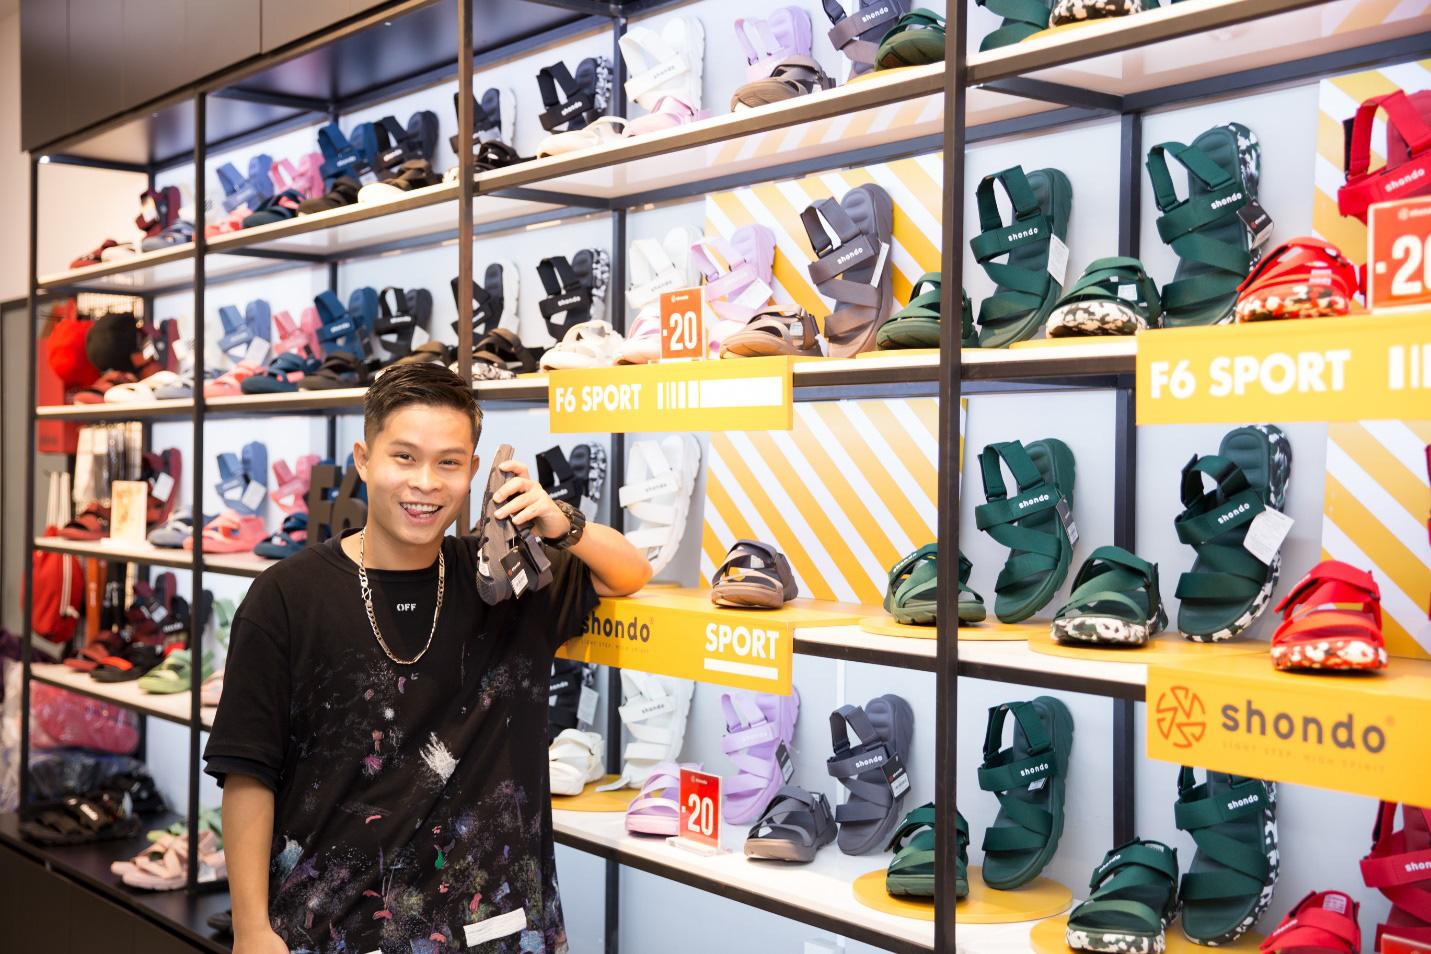 """Bão sale đổ bộ SHONDO - 3 chàng trai Simple Love mang cả """"store"""" giày sandals về nhà - Ảnh 4."""